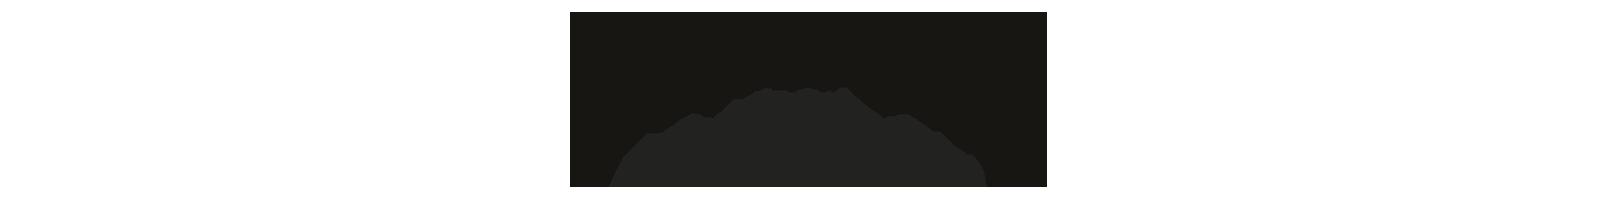 logo_v8_FINAL-3.png